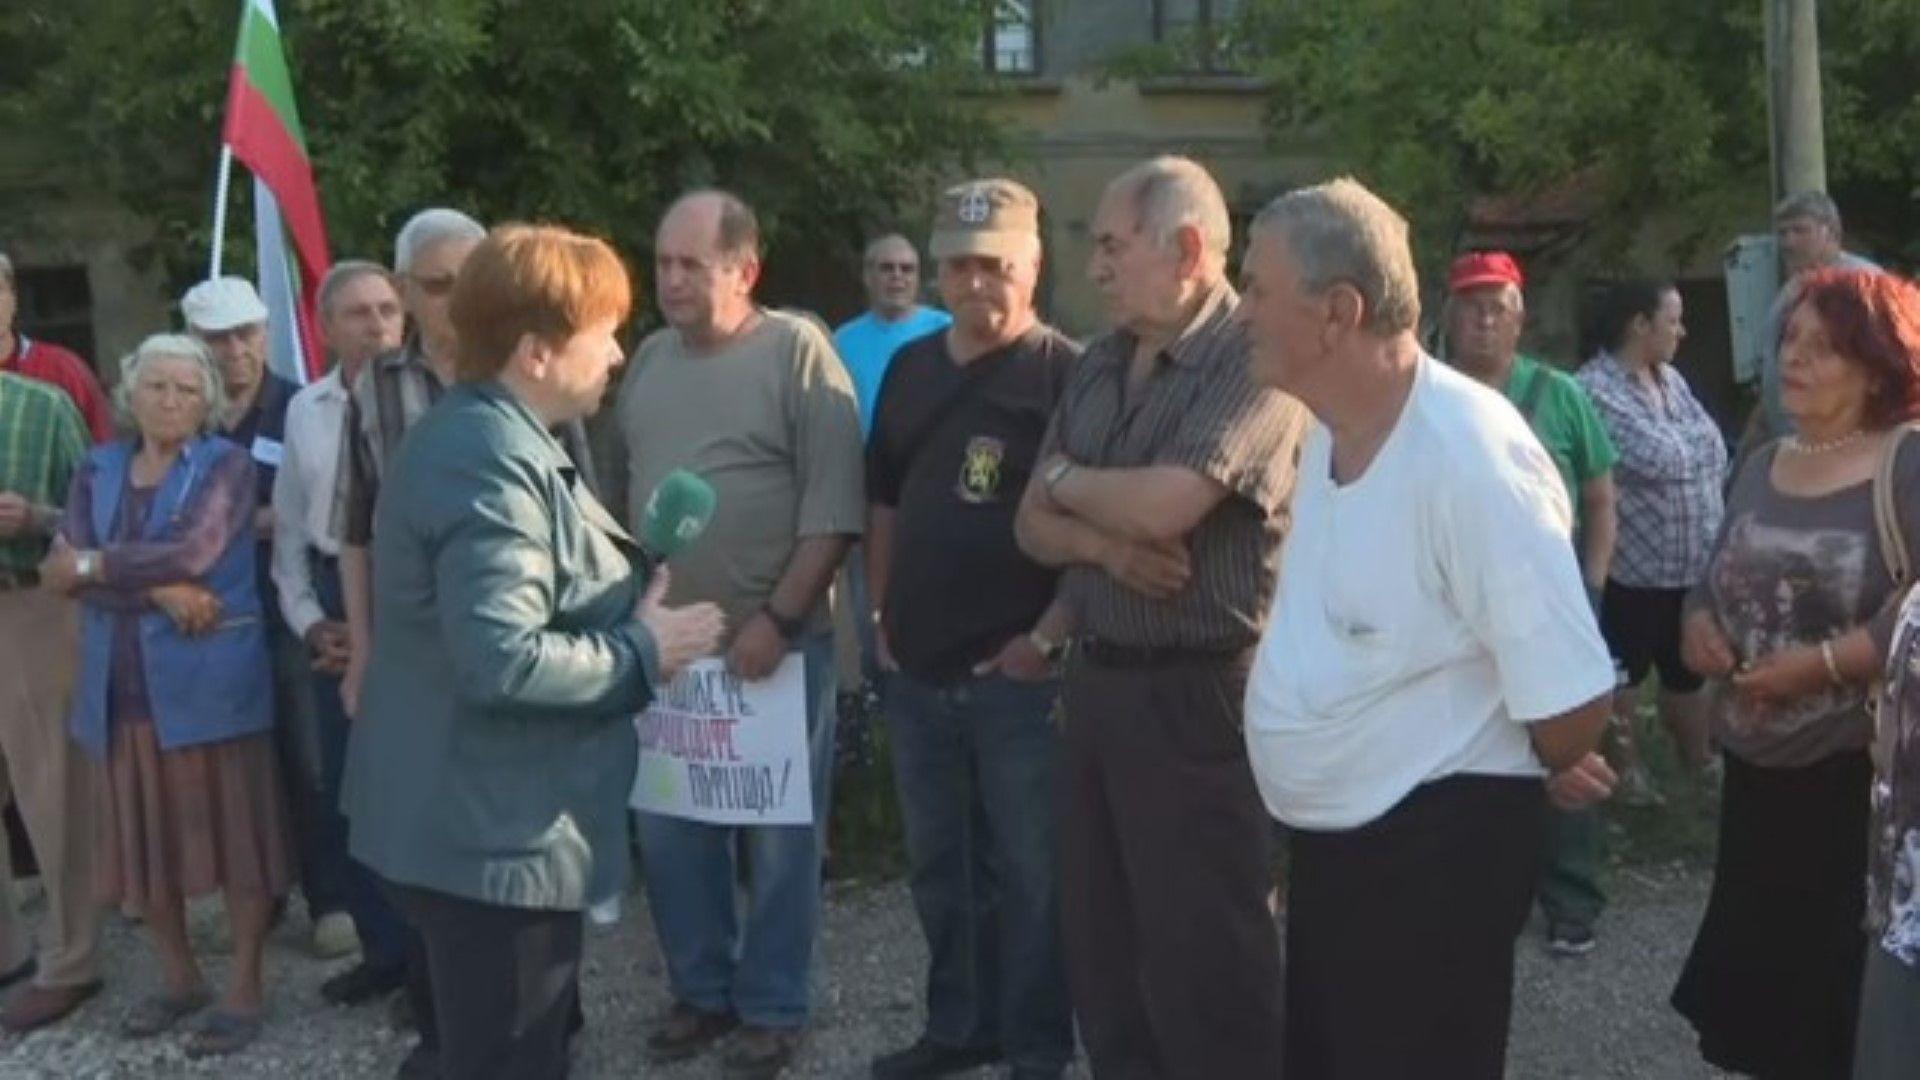 Хората срещу камионите: Село Телиш на протест против опасния тежкотоварен трафик